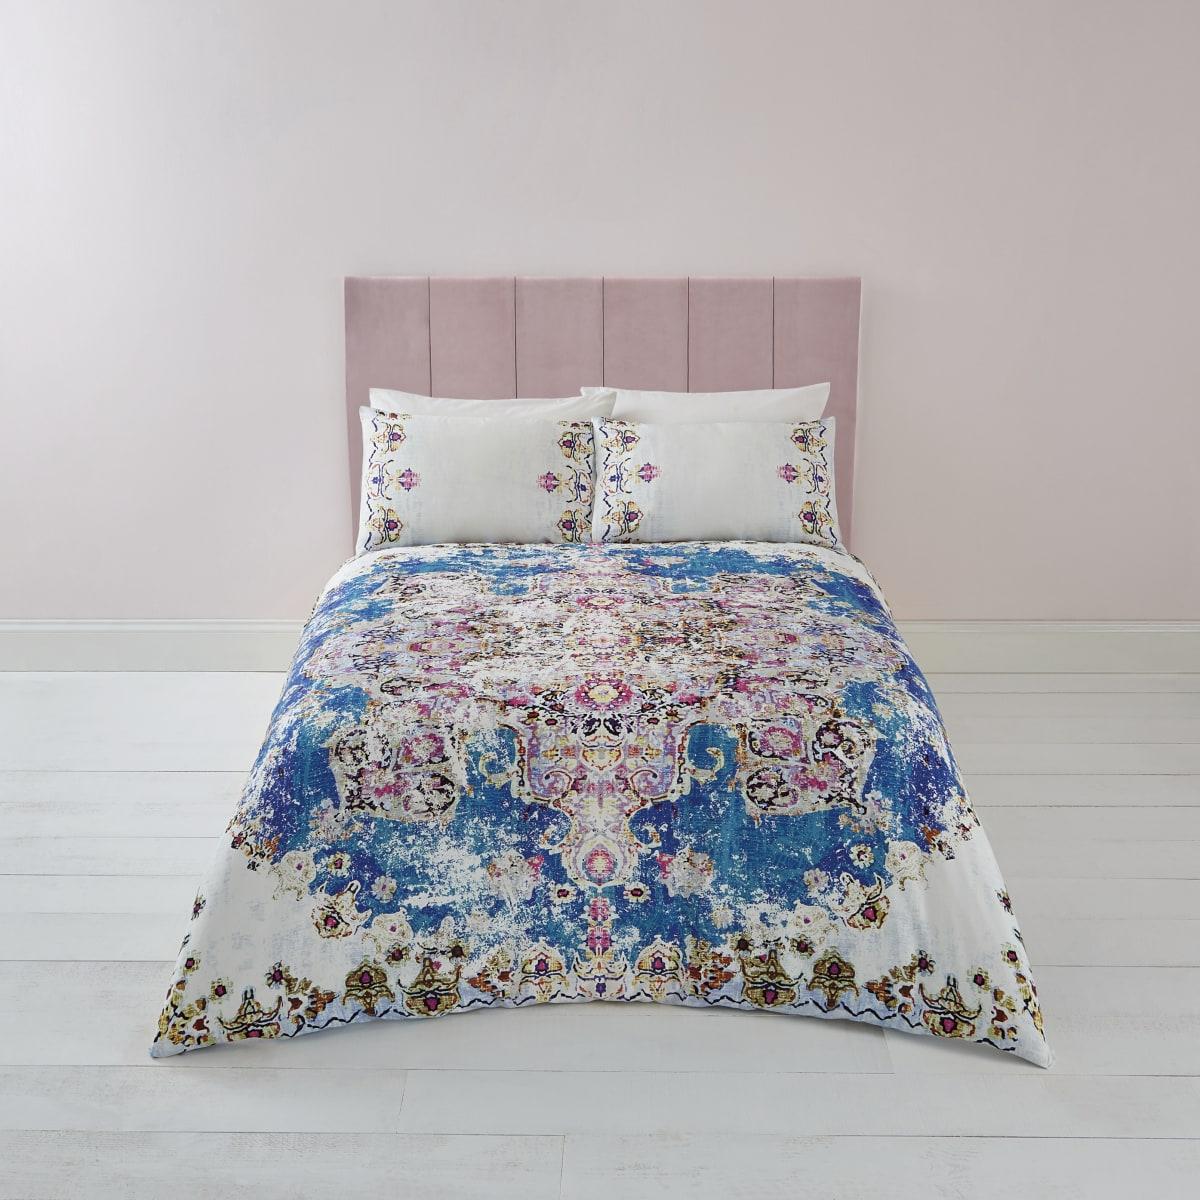 Blauwe kingsize dekbedset met Perzische print